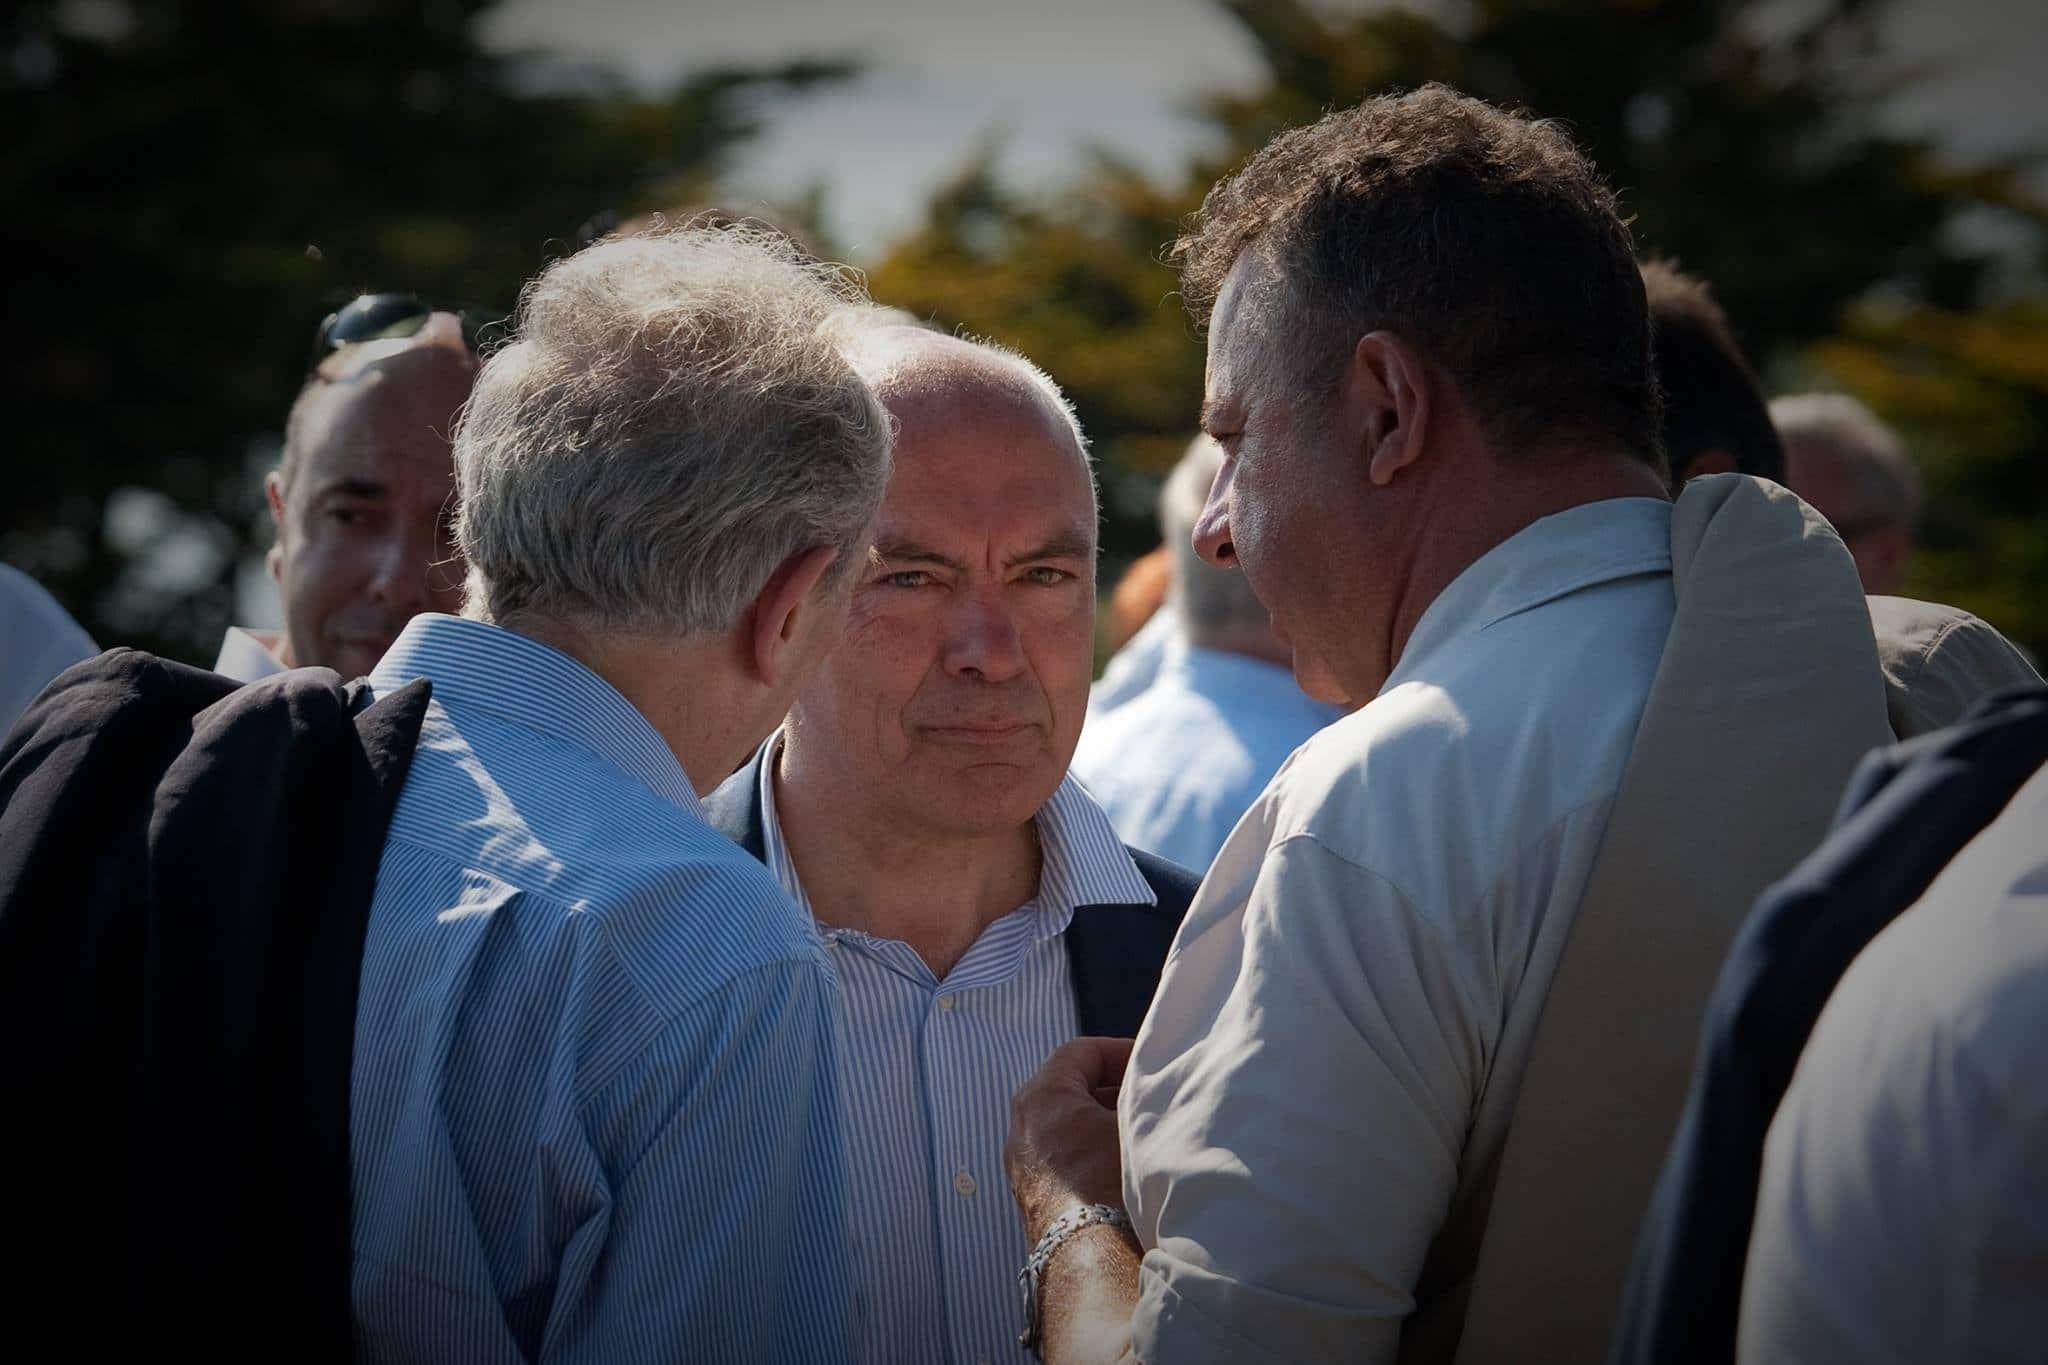 Ploërmel. P. Le Diffon (UMP) veut apporter son aide à l'invasion migratoire